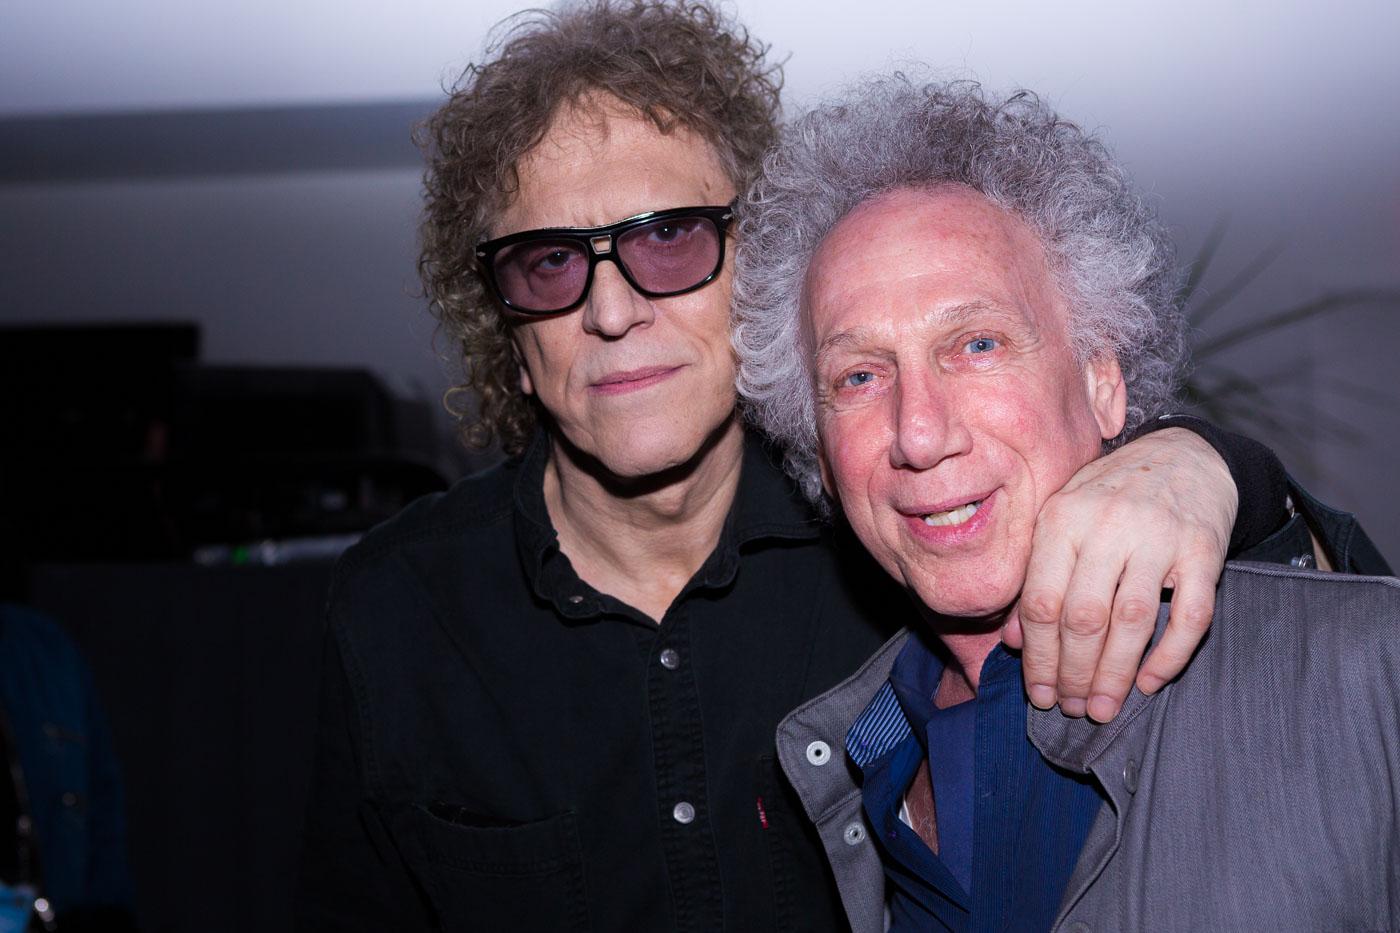 Mick Rock & Bob Gruen